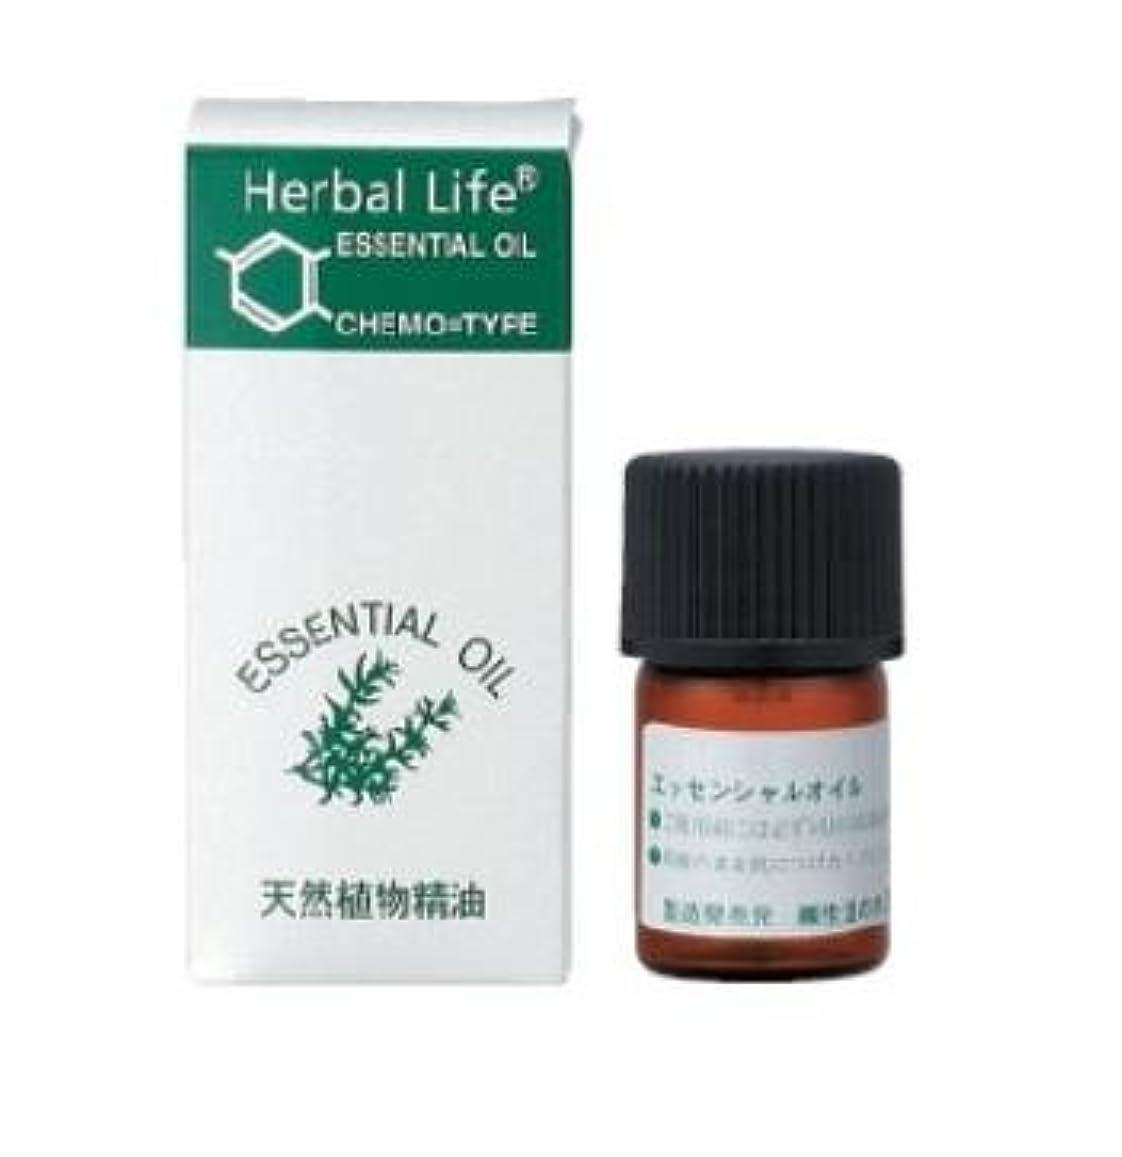 スローデイジー傾いた生活の木 エッセンシャルオイル イランイラン 精油 3ml アロマオイル アロマ